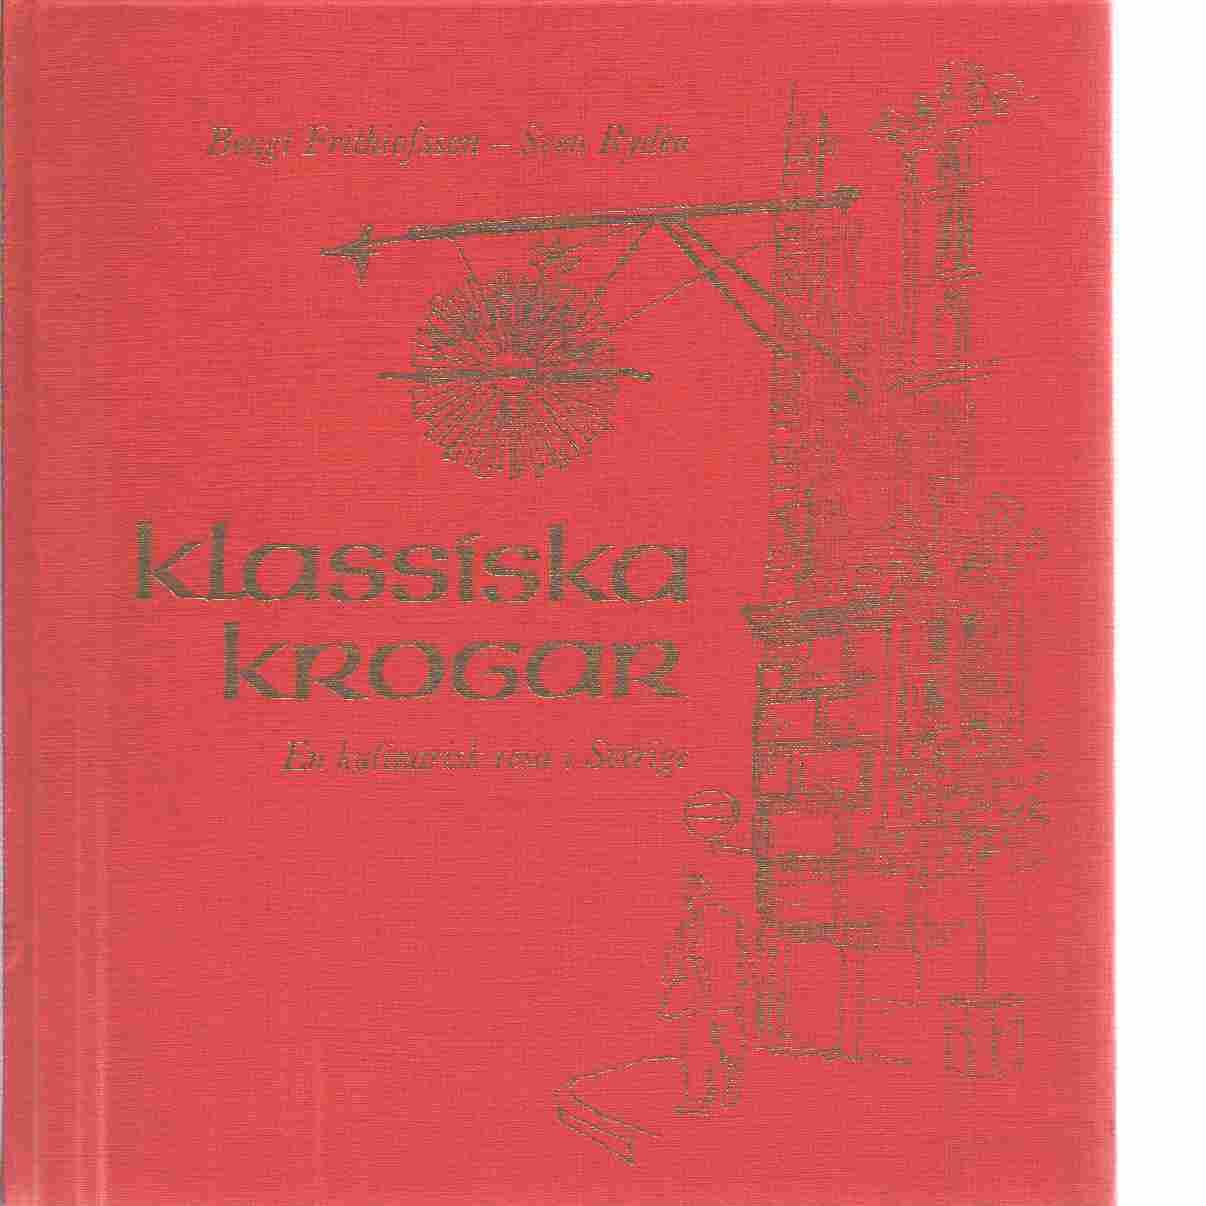 Klassiska krogar : [en kulinarisk resa i Sverige] - Frithiofsson, Bengt